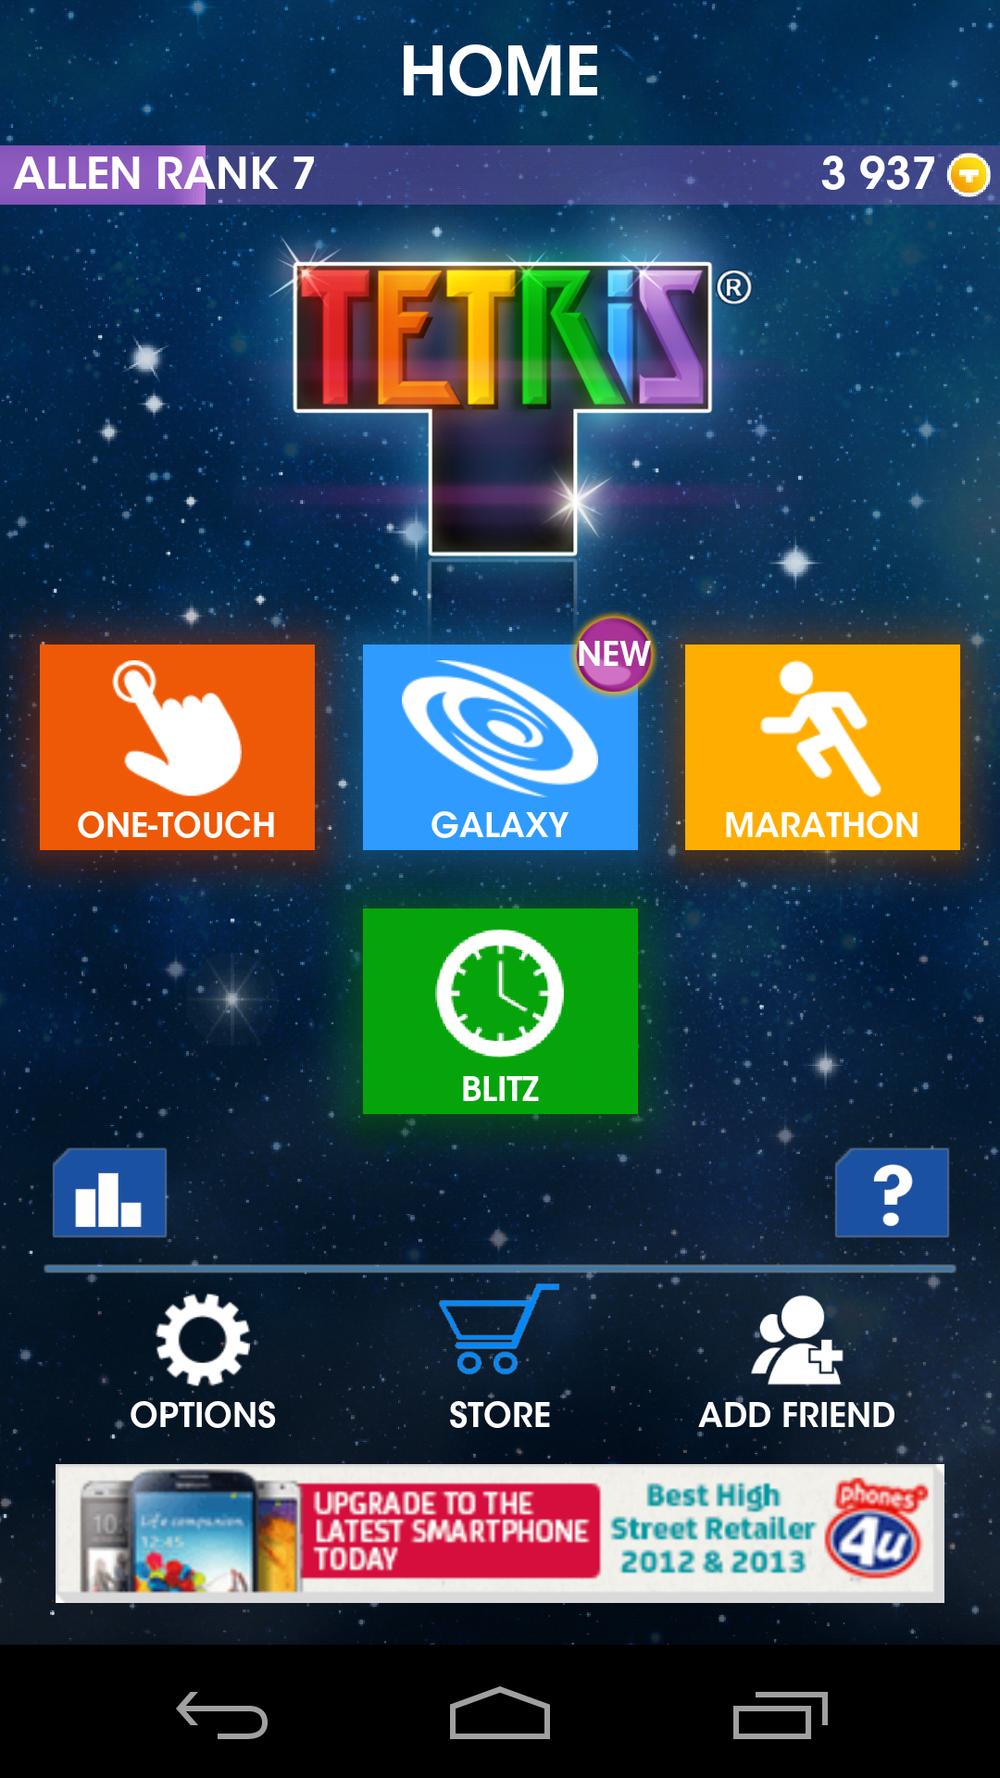 安卓版 Tetris 界面,有着可恶的广告